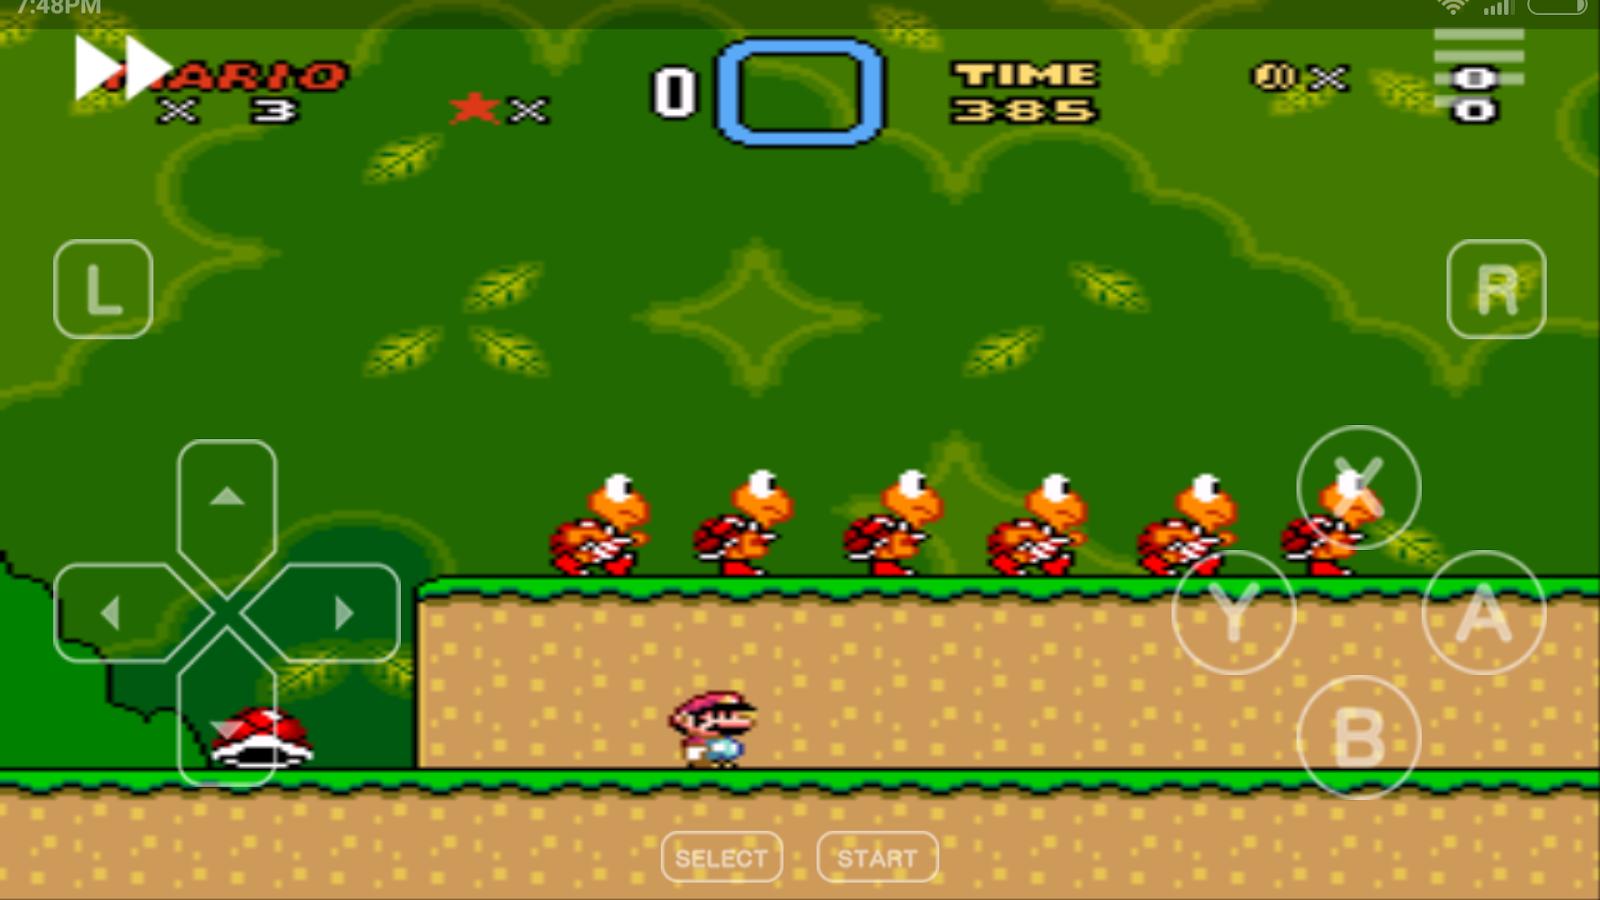 Sega Genesis Android Emulator - Retrogaming Emulator for